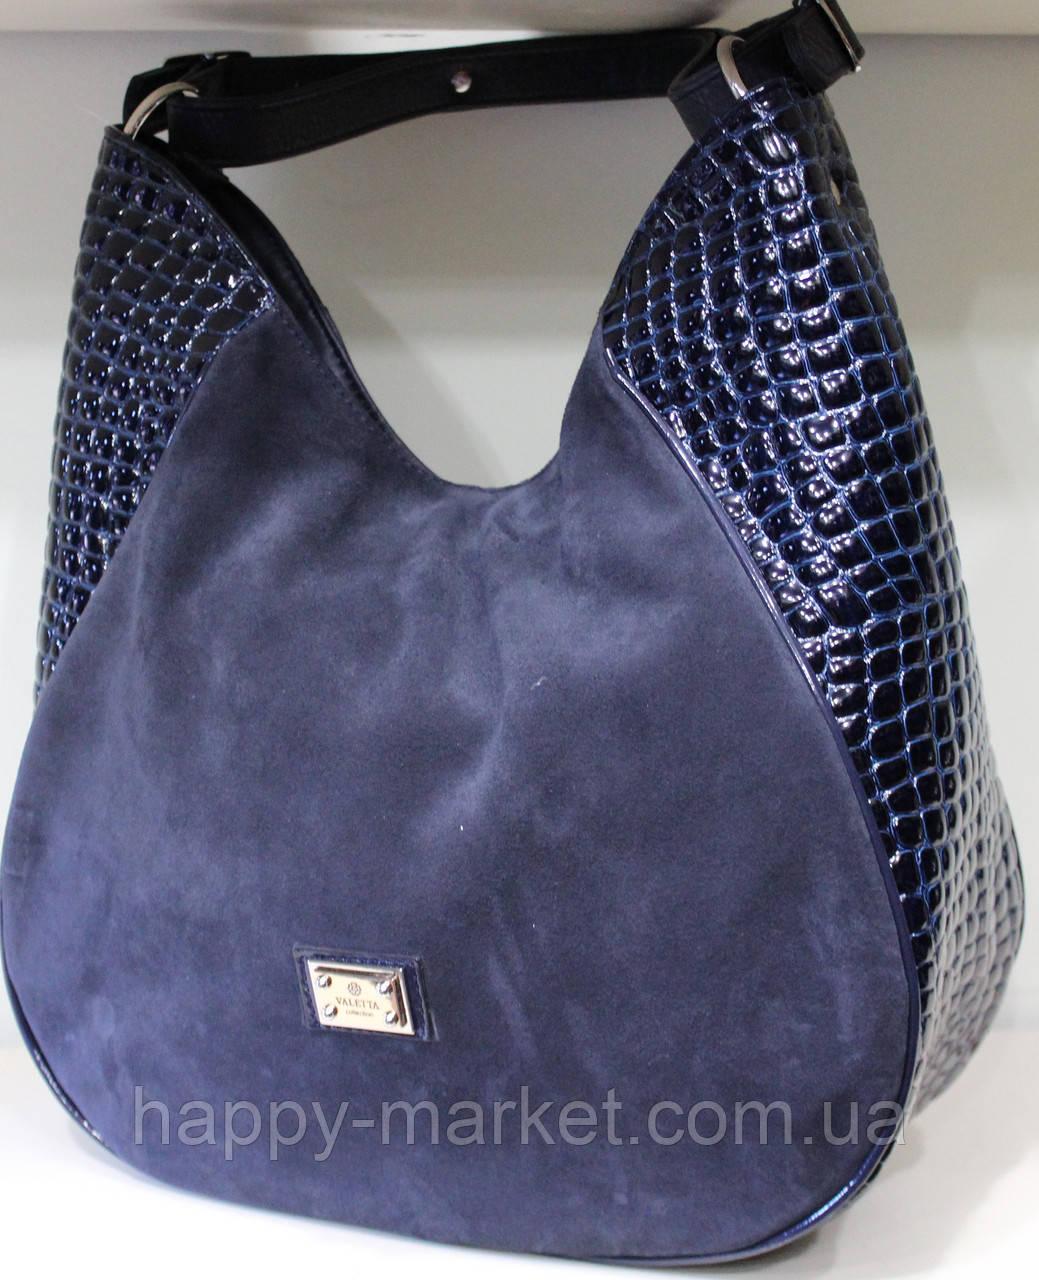 Сумка торба женская Производитель Украина 17-1282-1